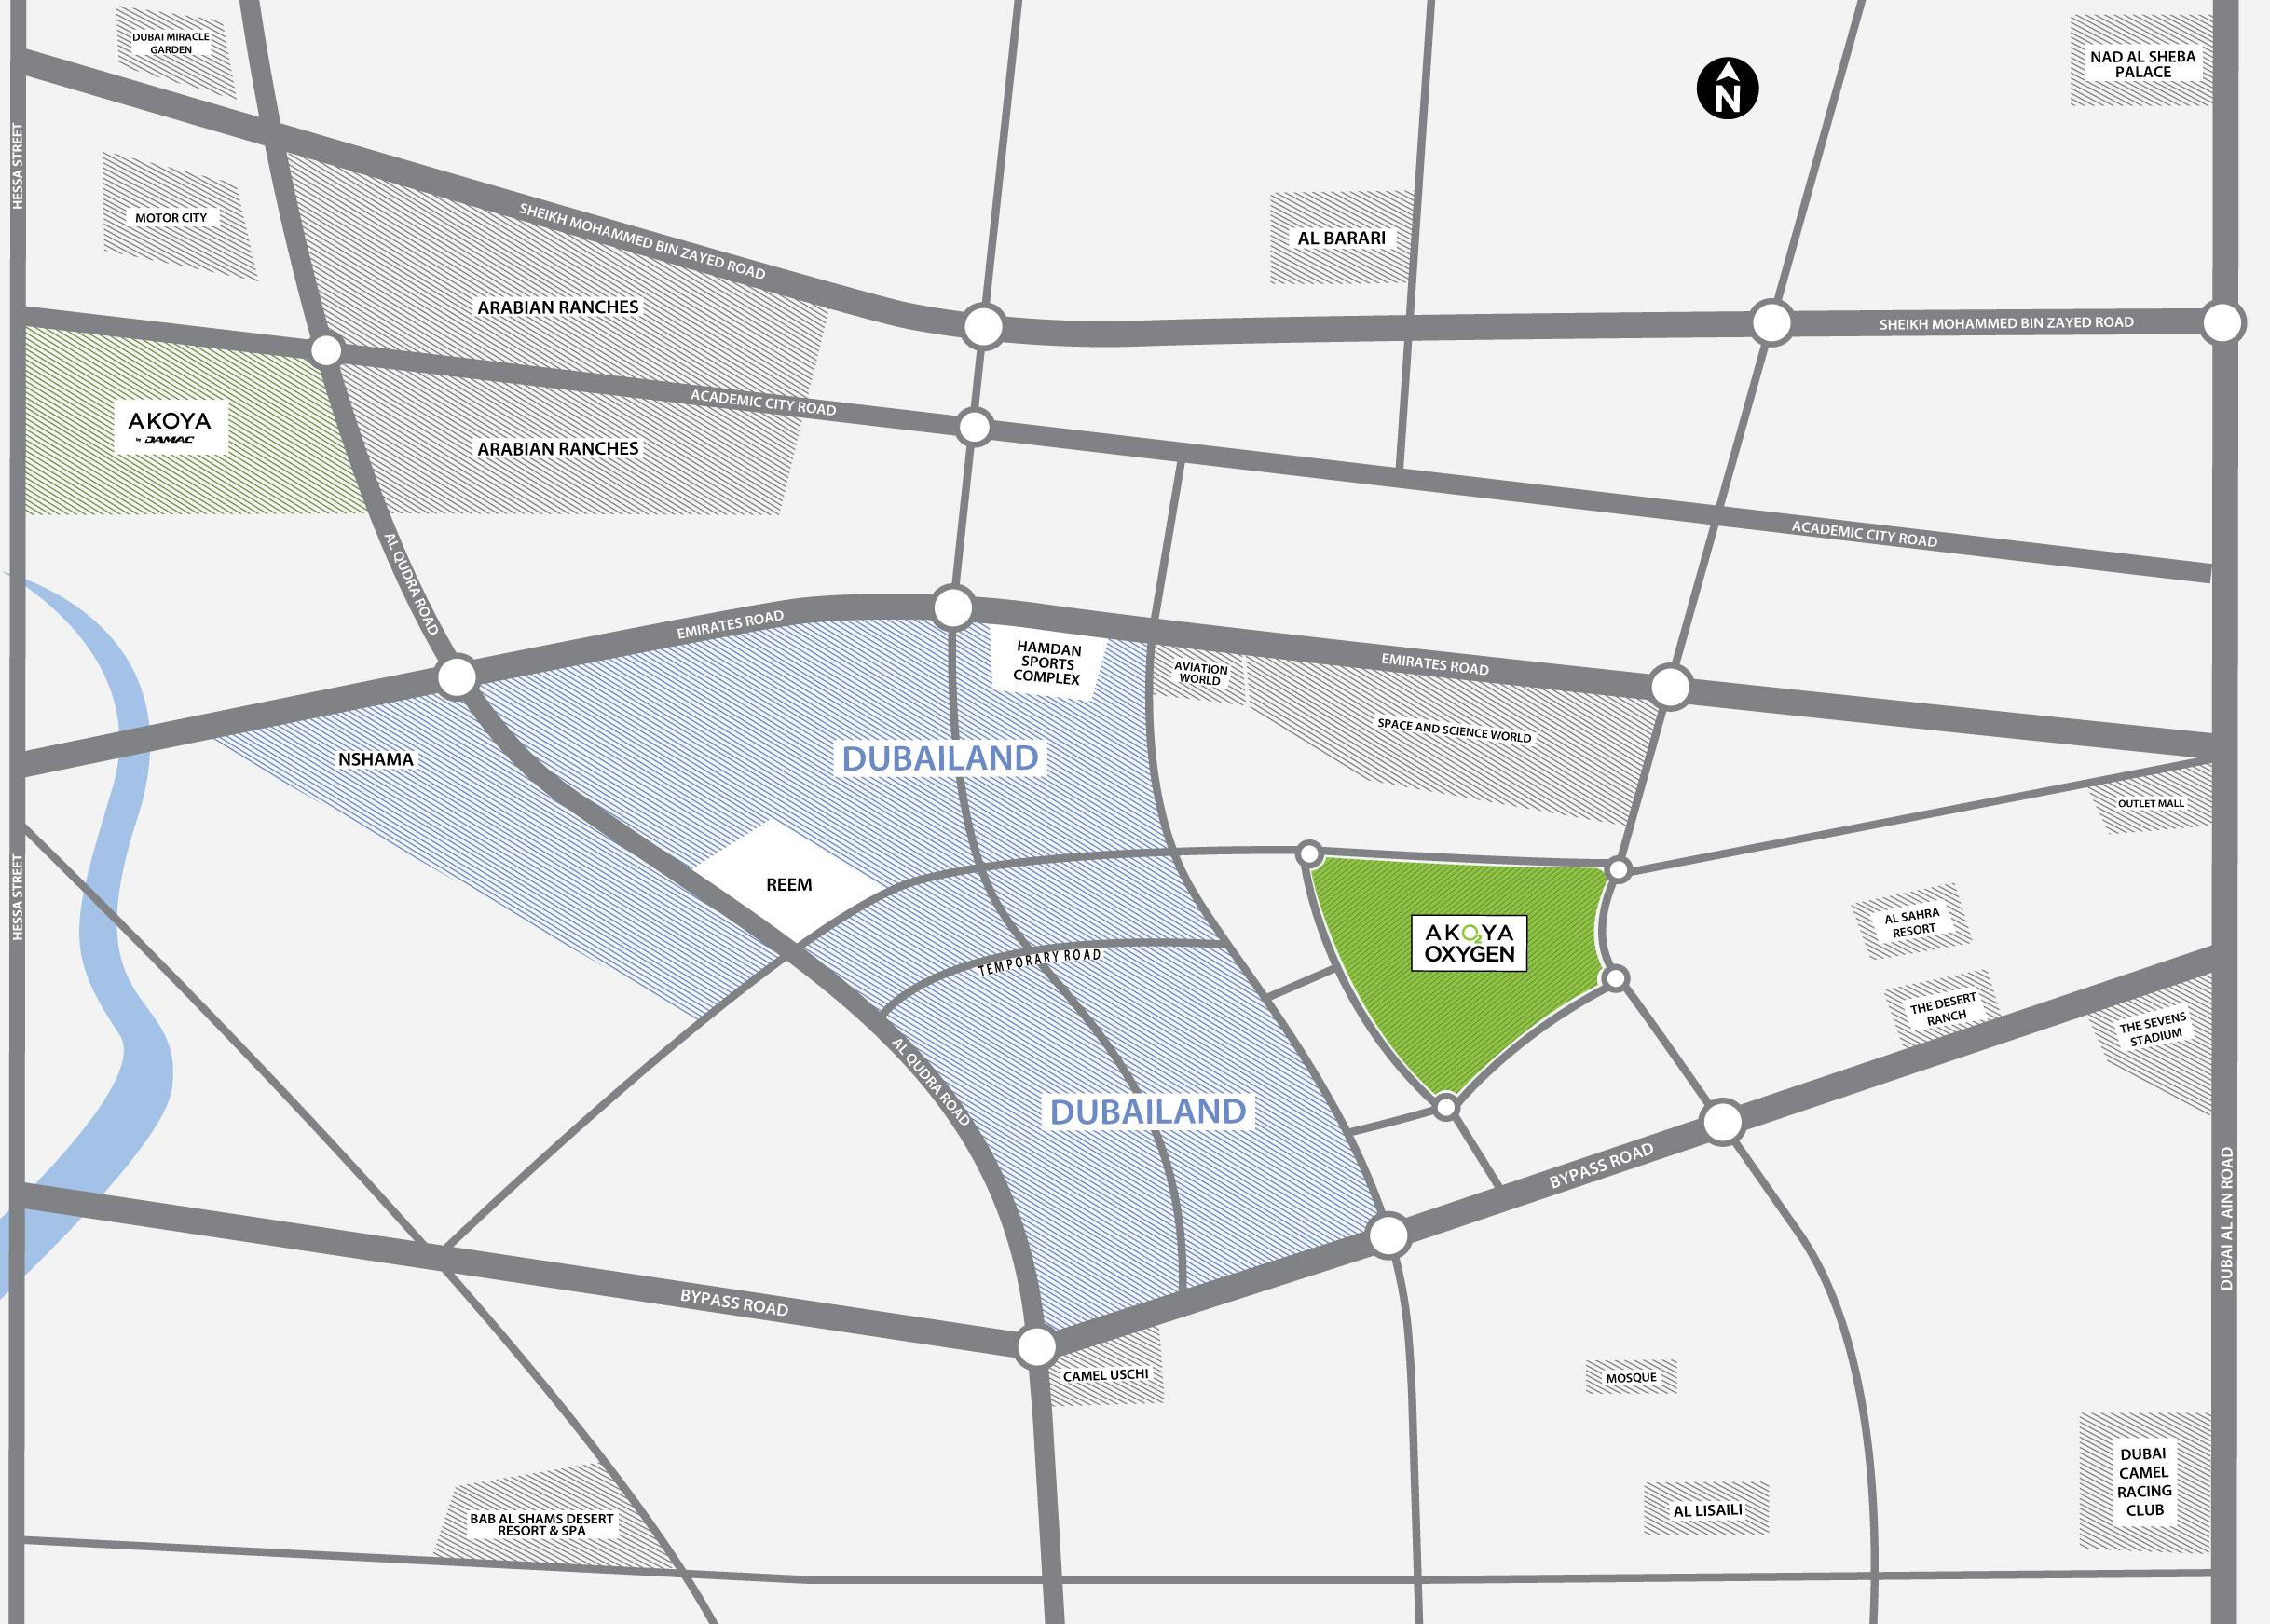 شاطئ-نافيتاس خريطة الموقع